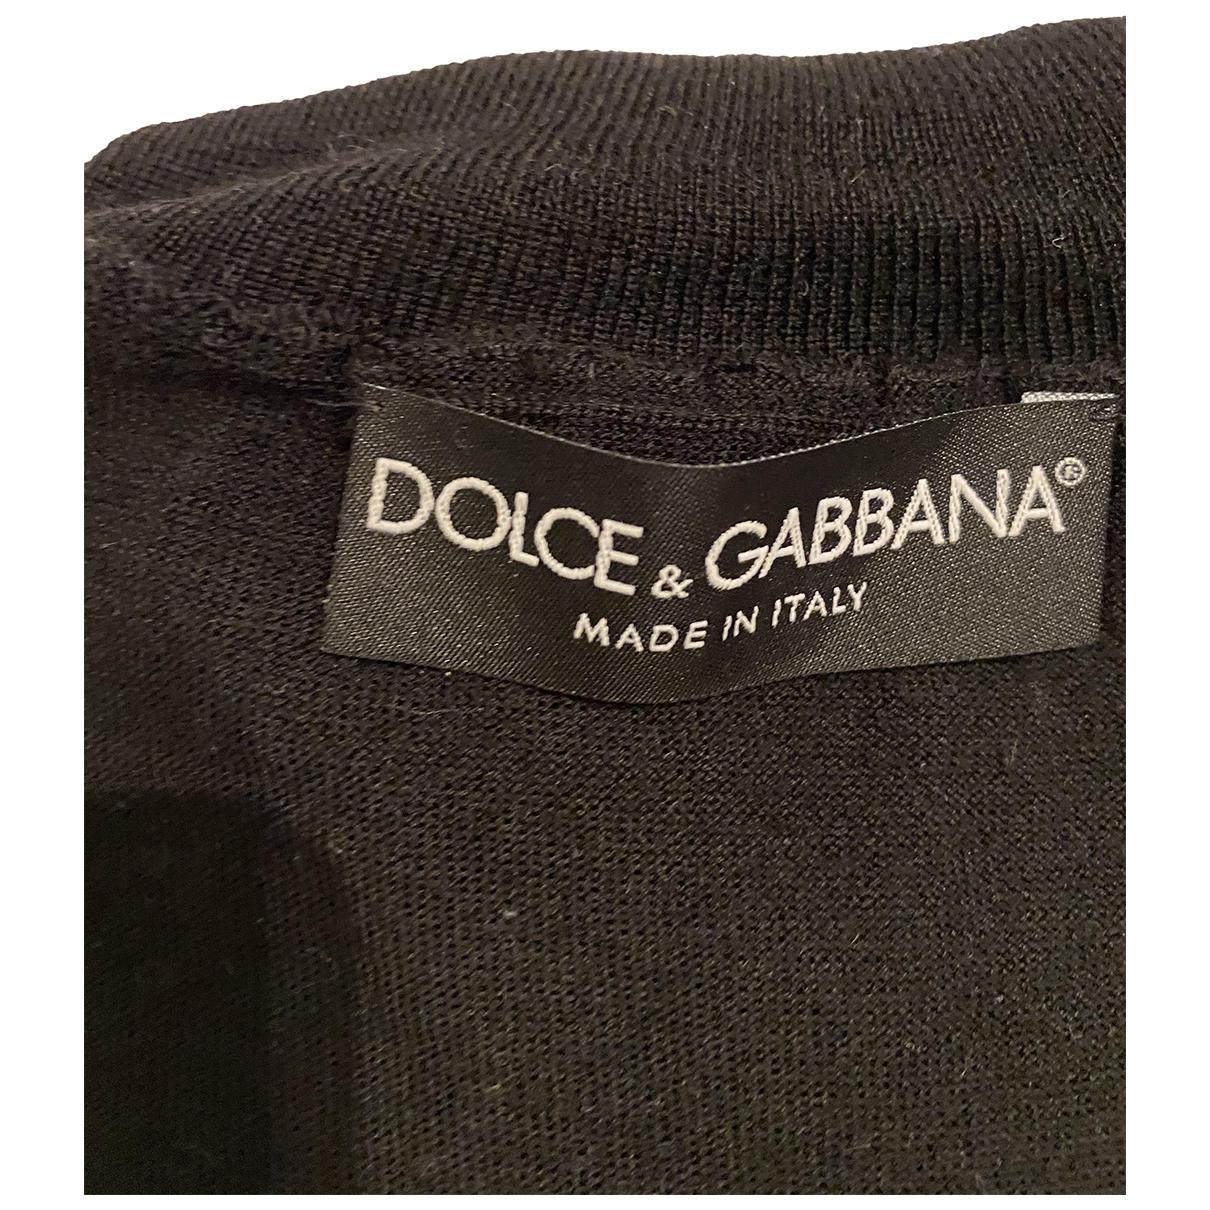 Dolce & Gabbana N Black Wool Knitwear for Women 38 IT